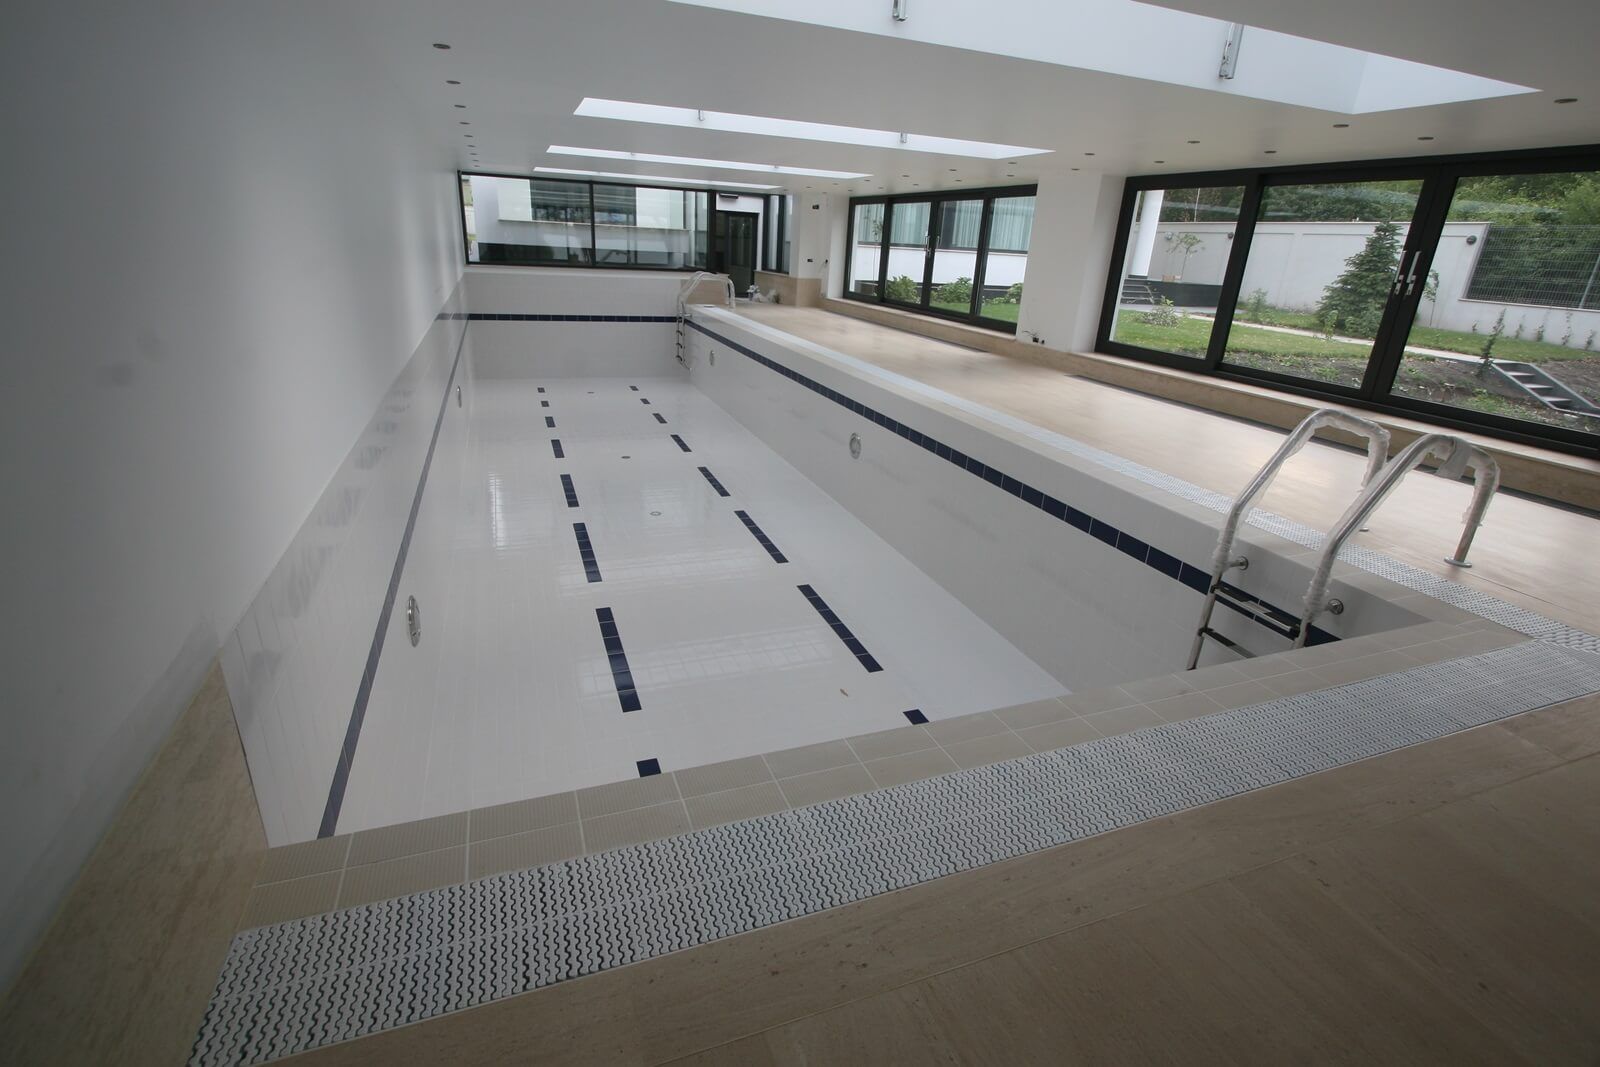 Piscina din beton cu luciu de apa piscine premium aqua for Constructie piscine